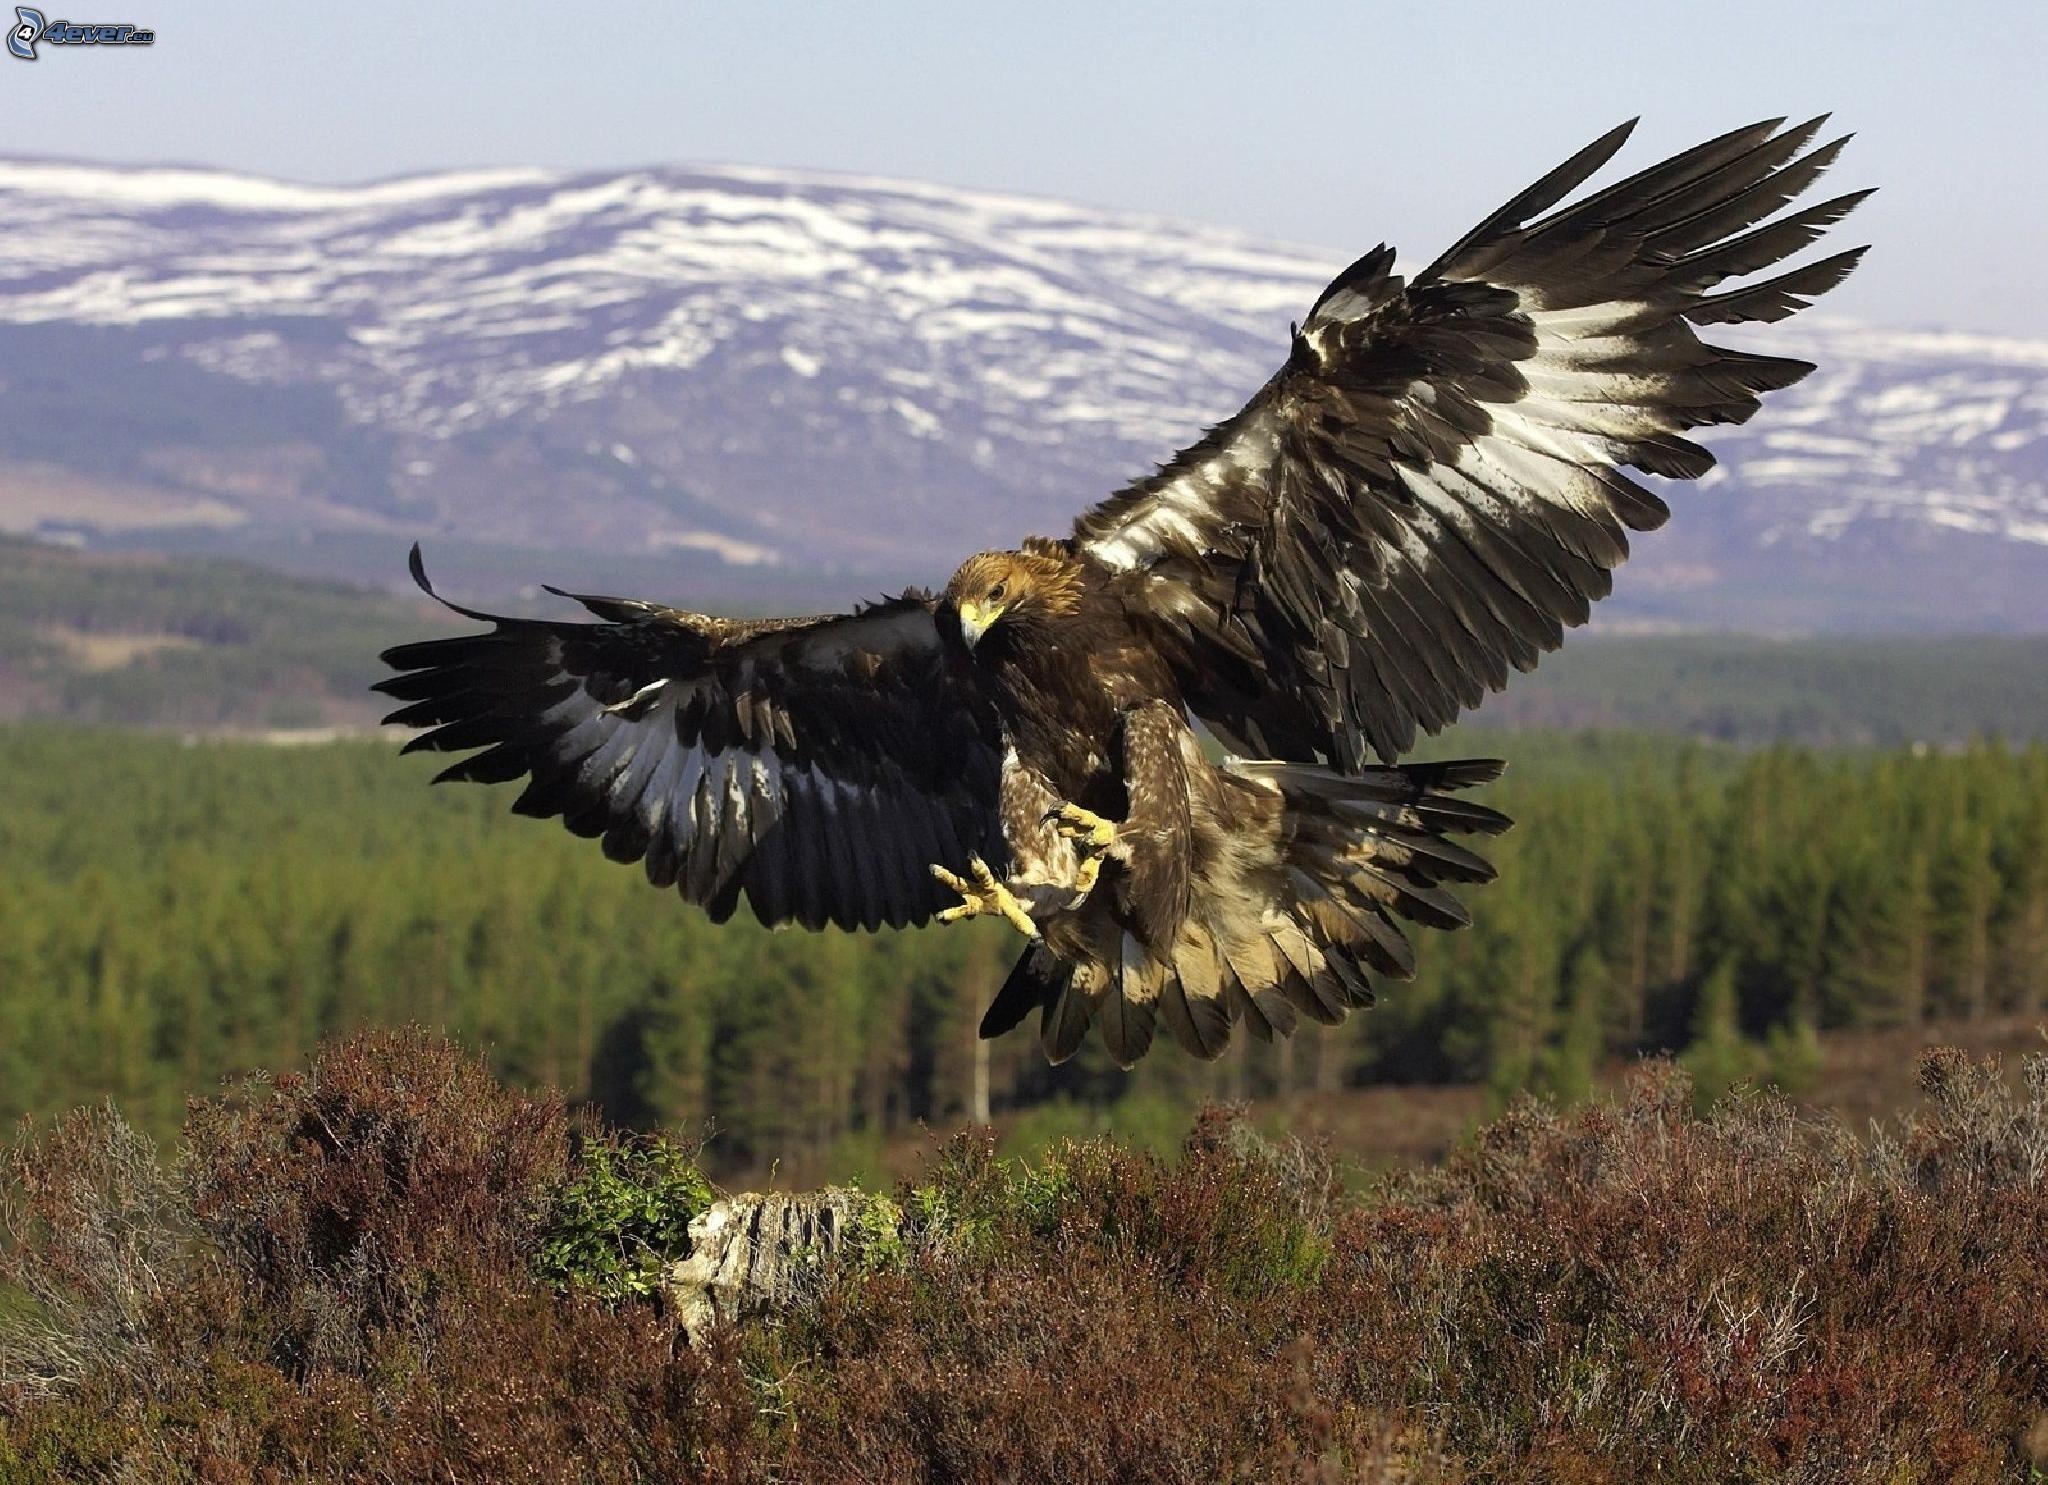 Adler for Gold bird wallpaper